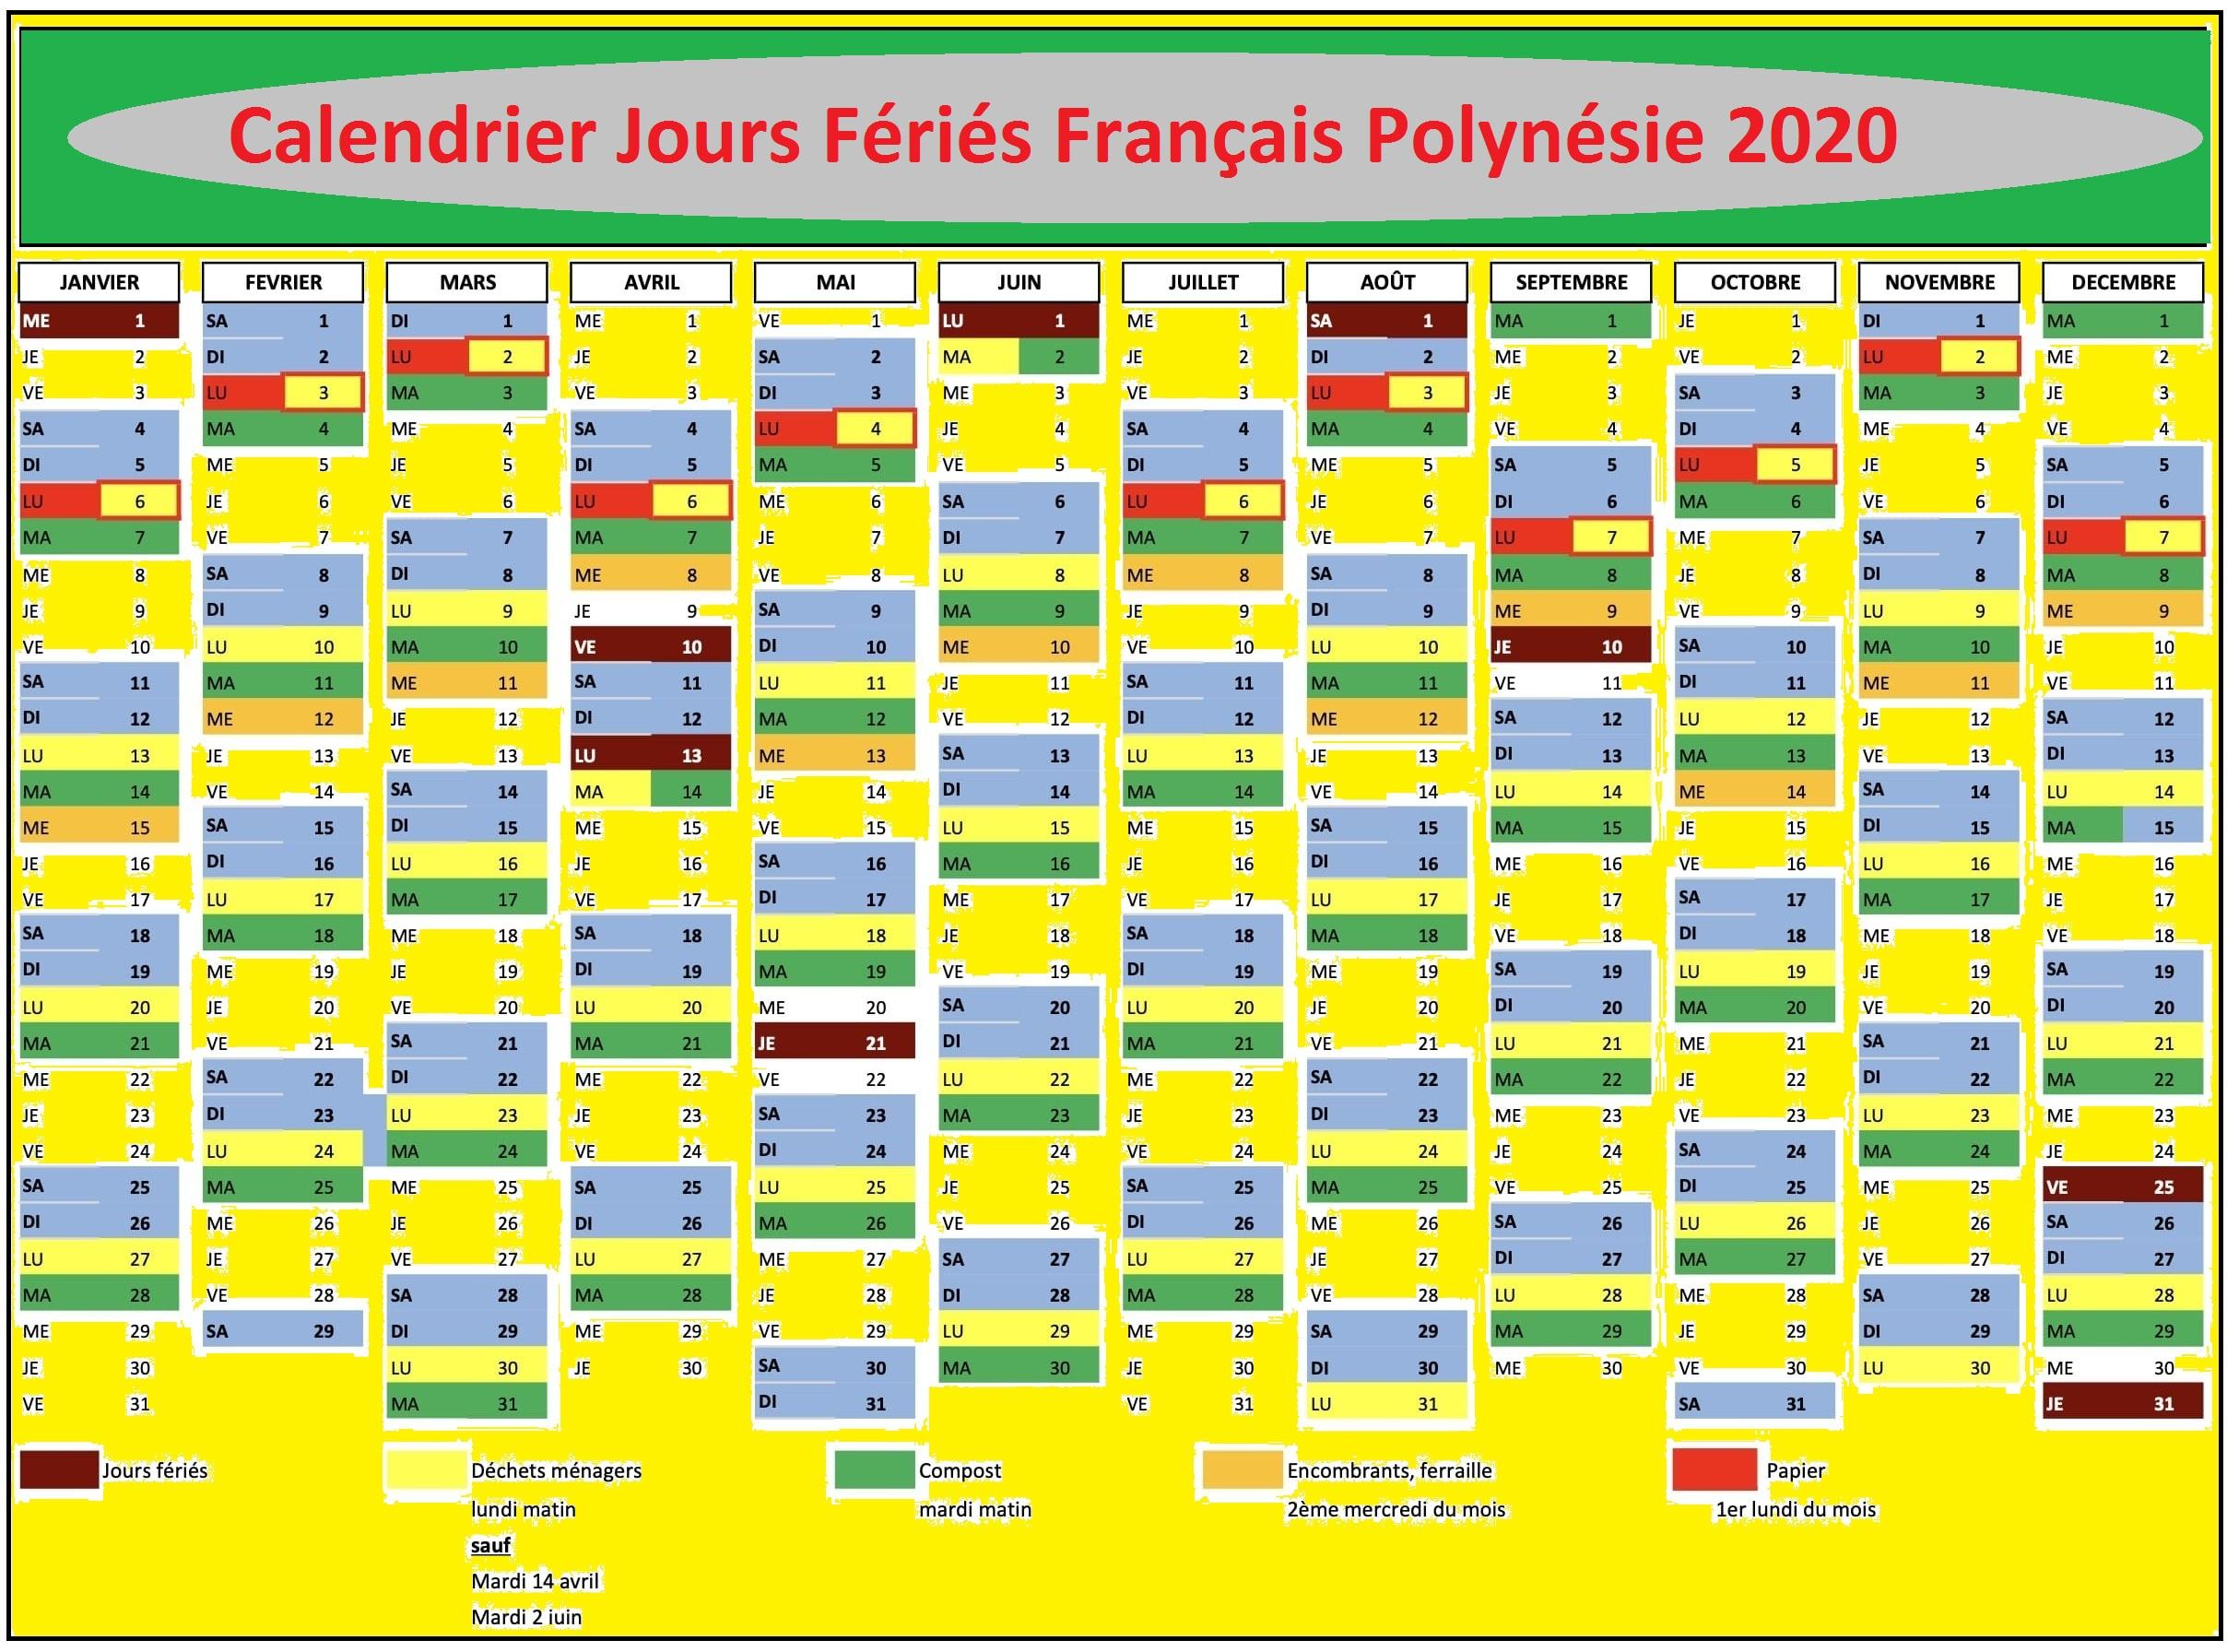 Calendrier 2020 Français Polynésie Avec Jours Fériés Pdf